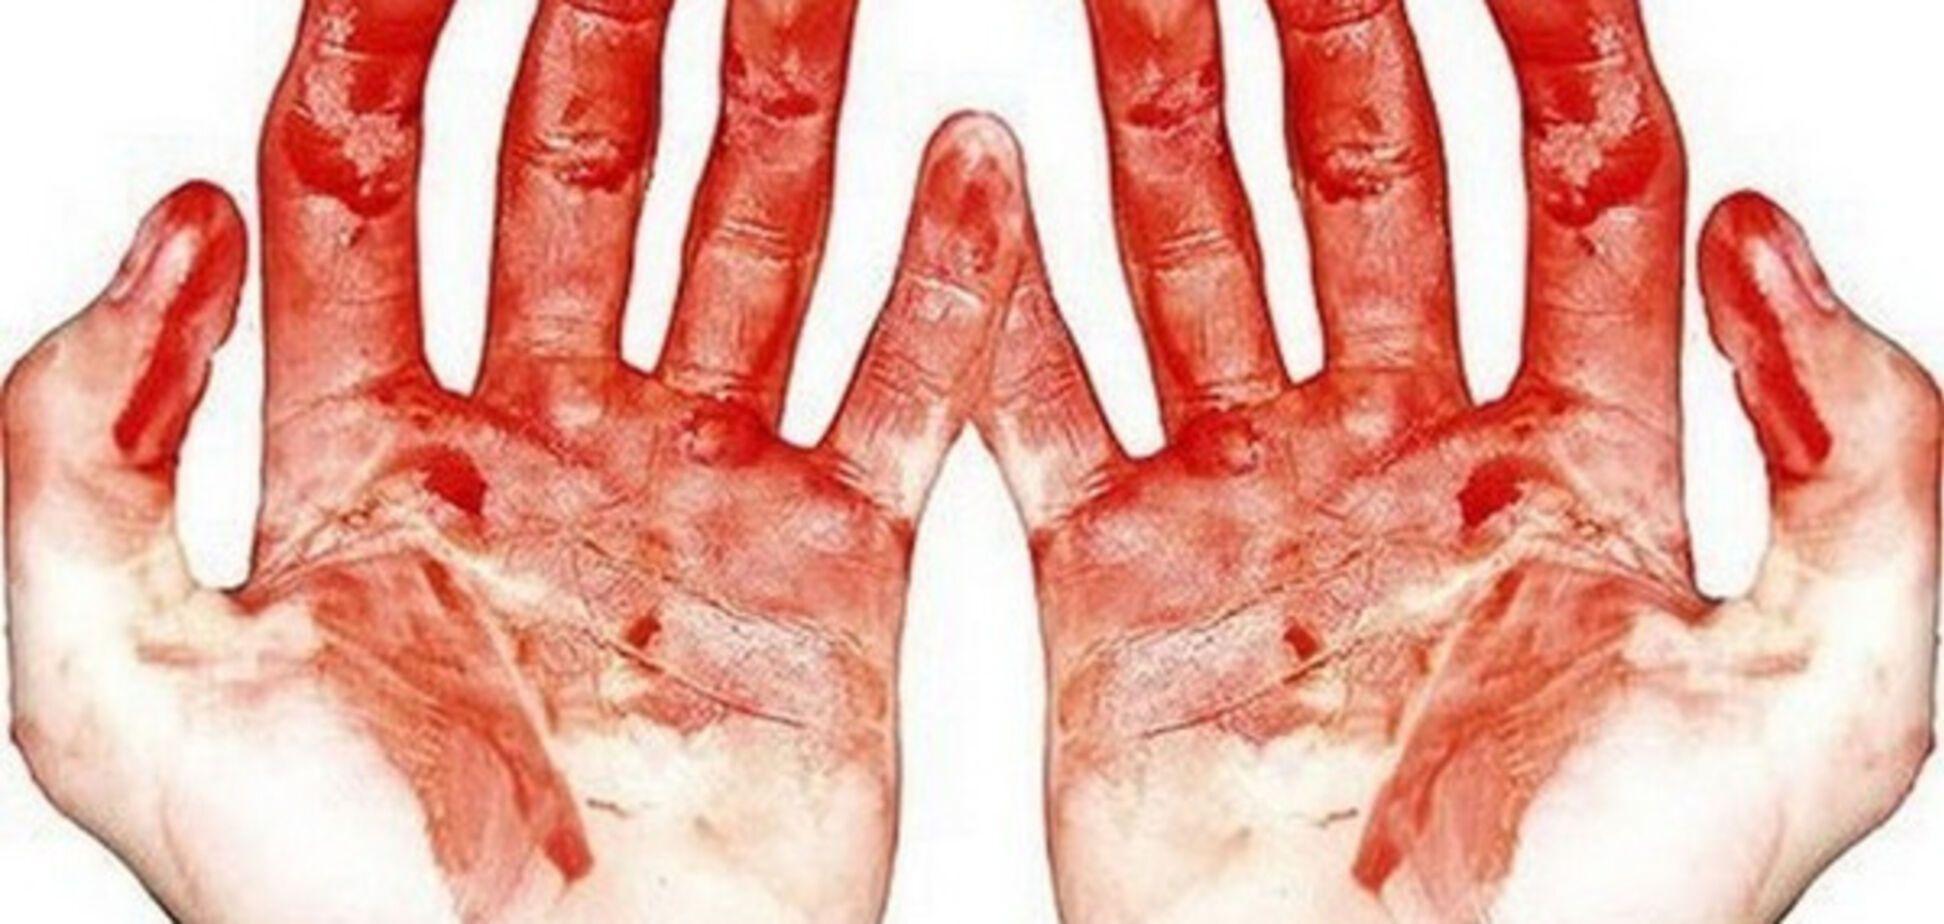 В Запорожье мужчина едва не истек кровью у собственного подъезда (ФОТО)